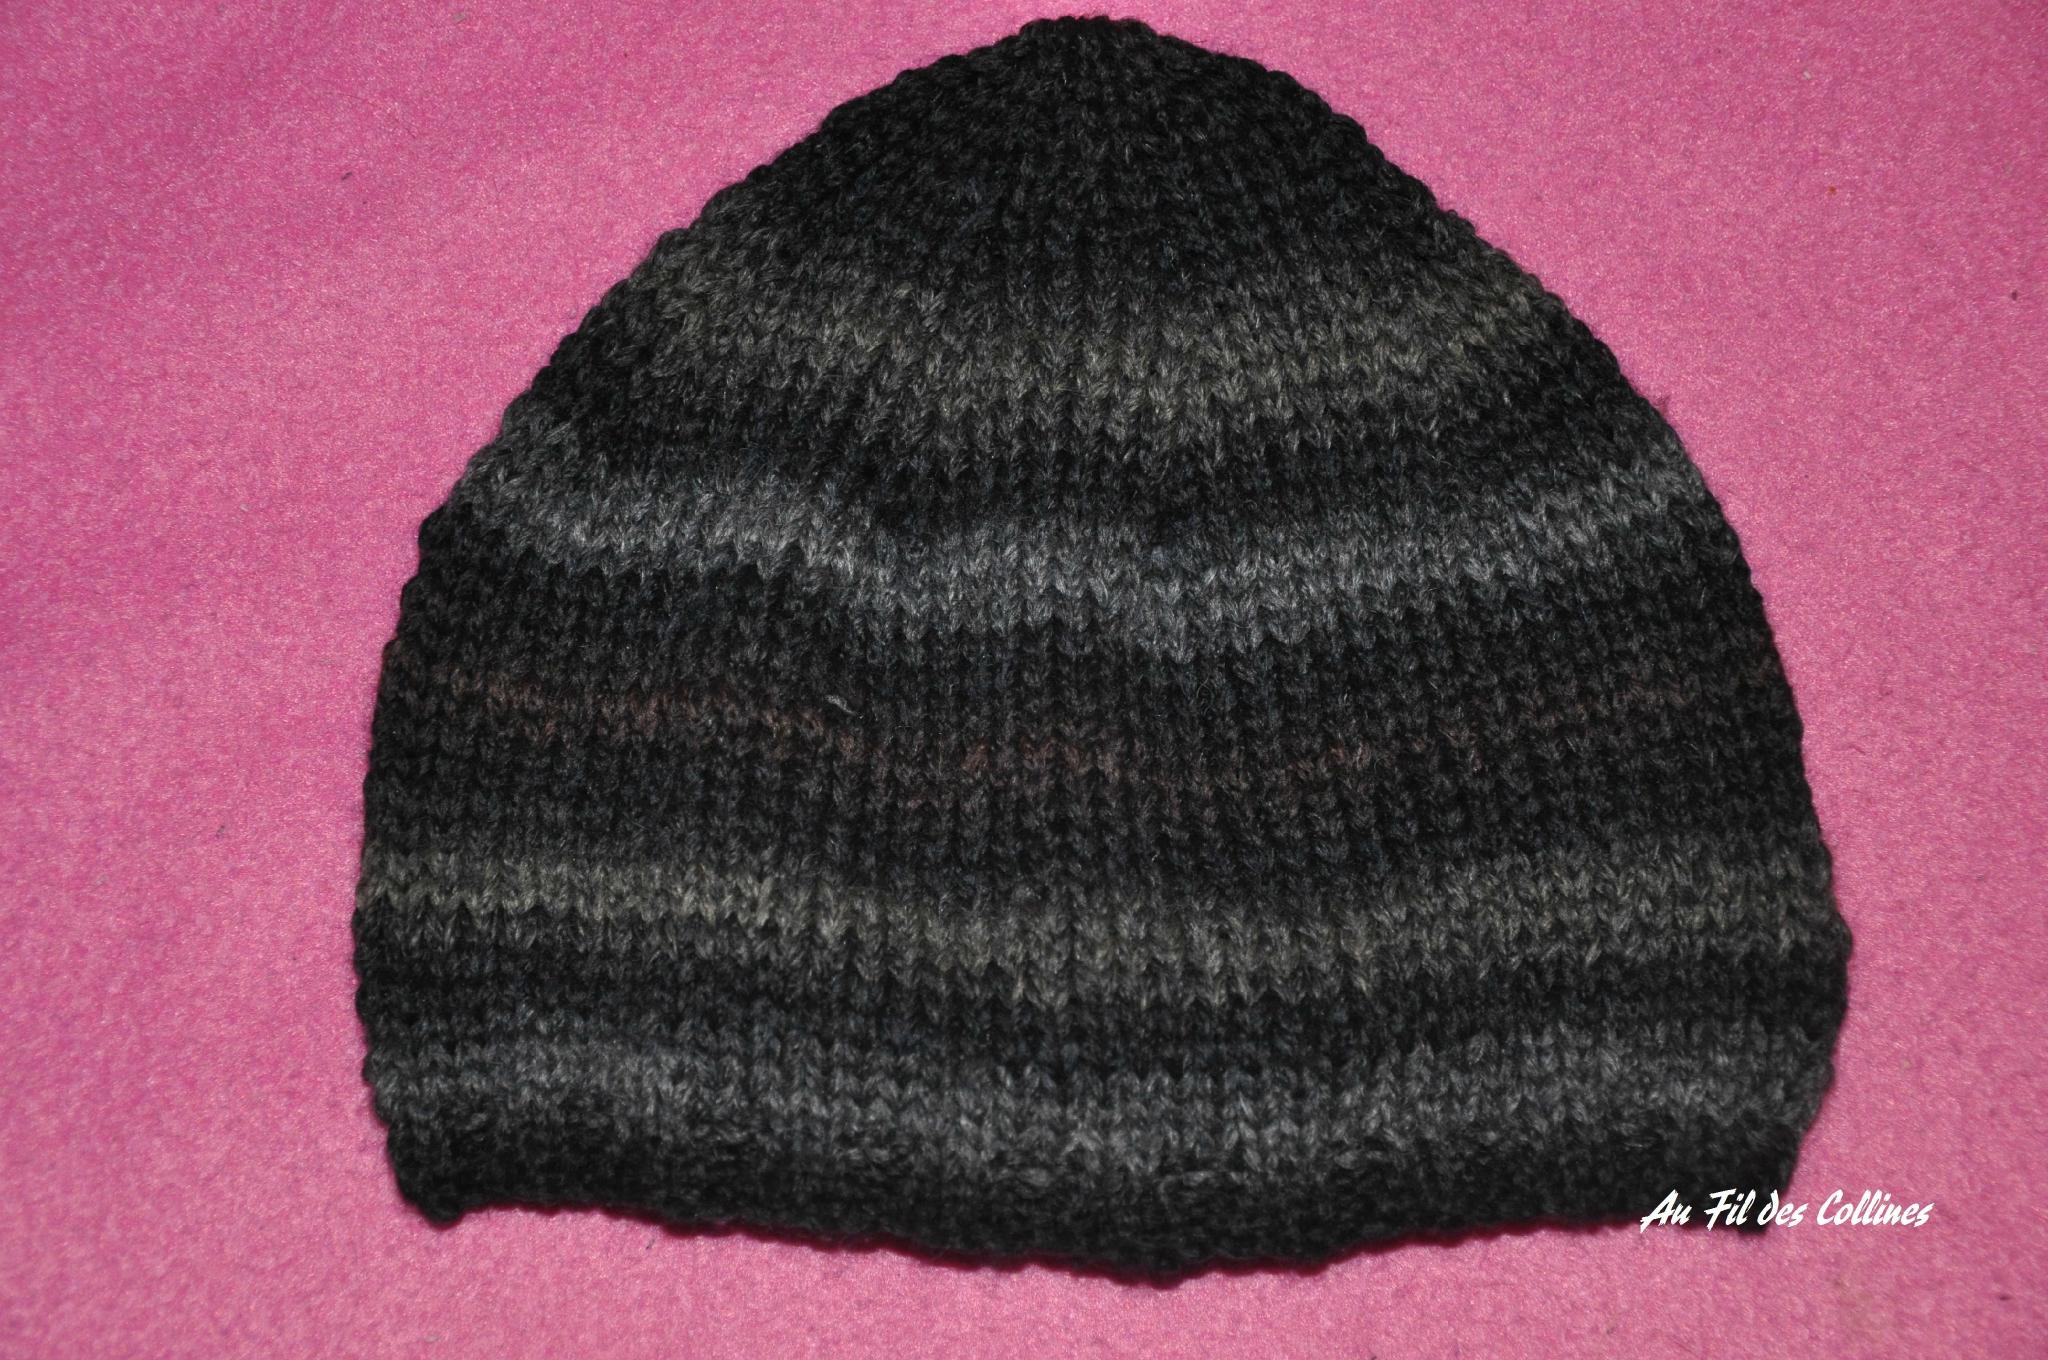 patron tricot bonnet homme facile 84b4119cd75